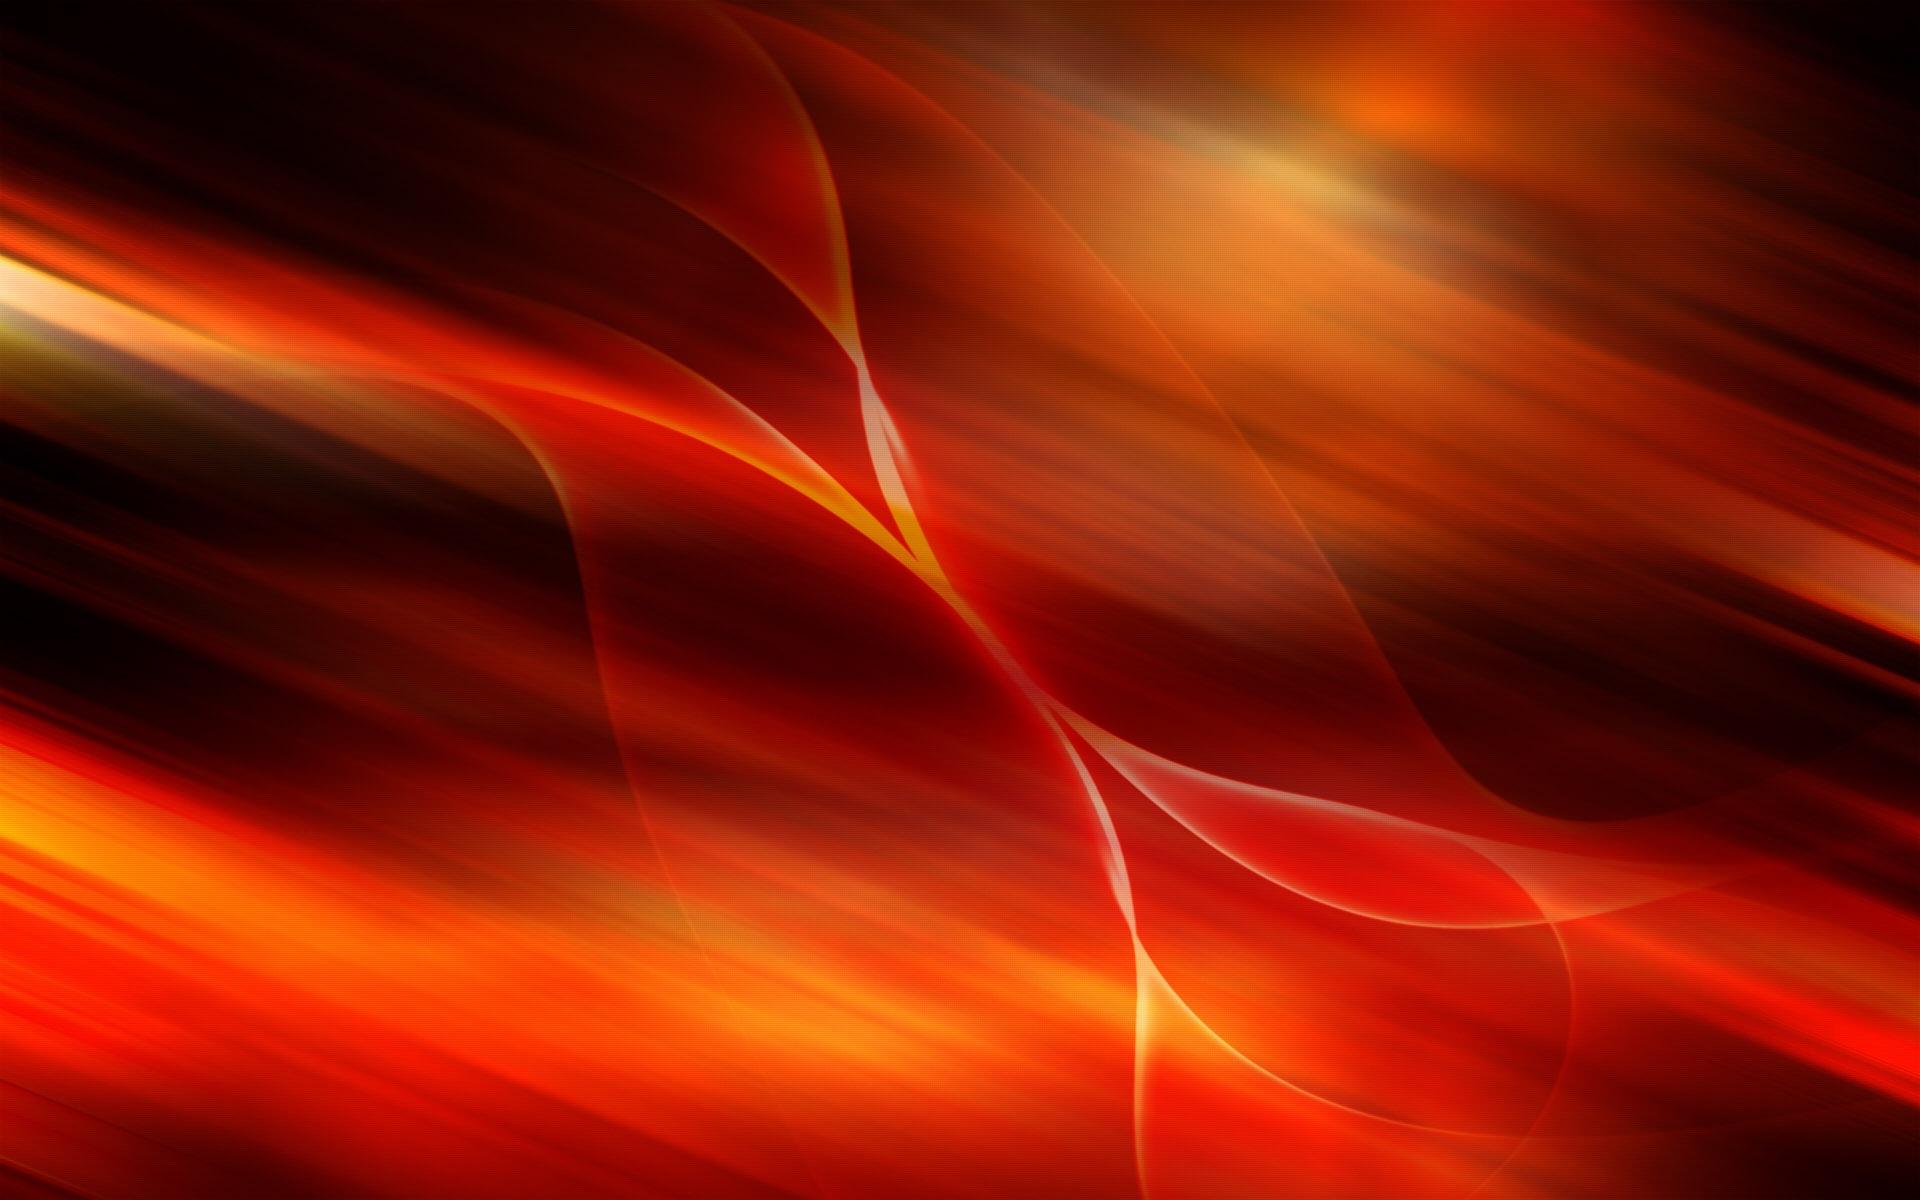 Red Abstract Desktop Gallery Firered Version 392459 Wallpaper wallpaper